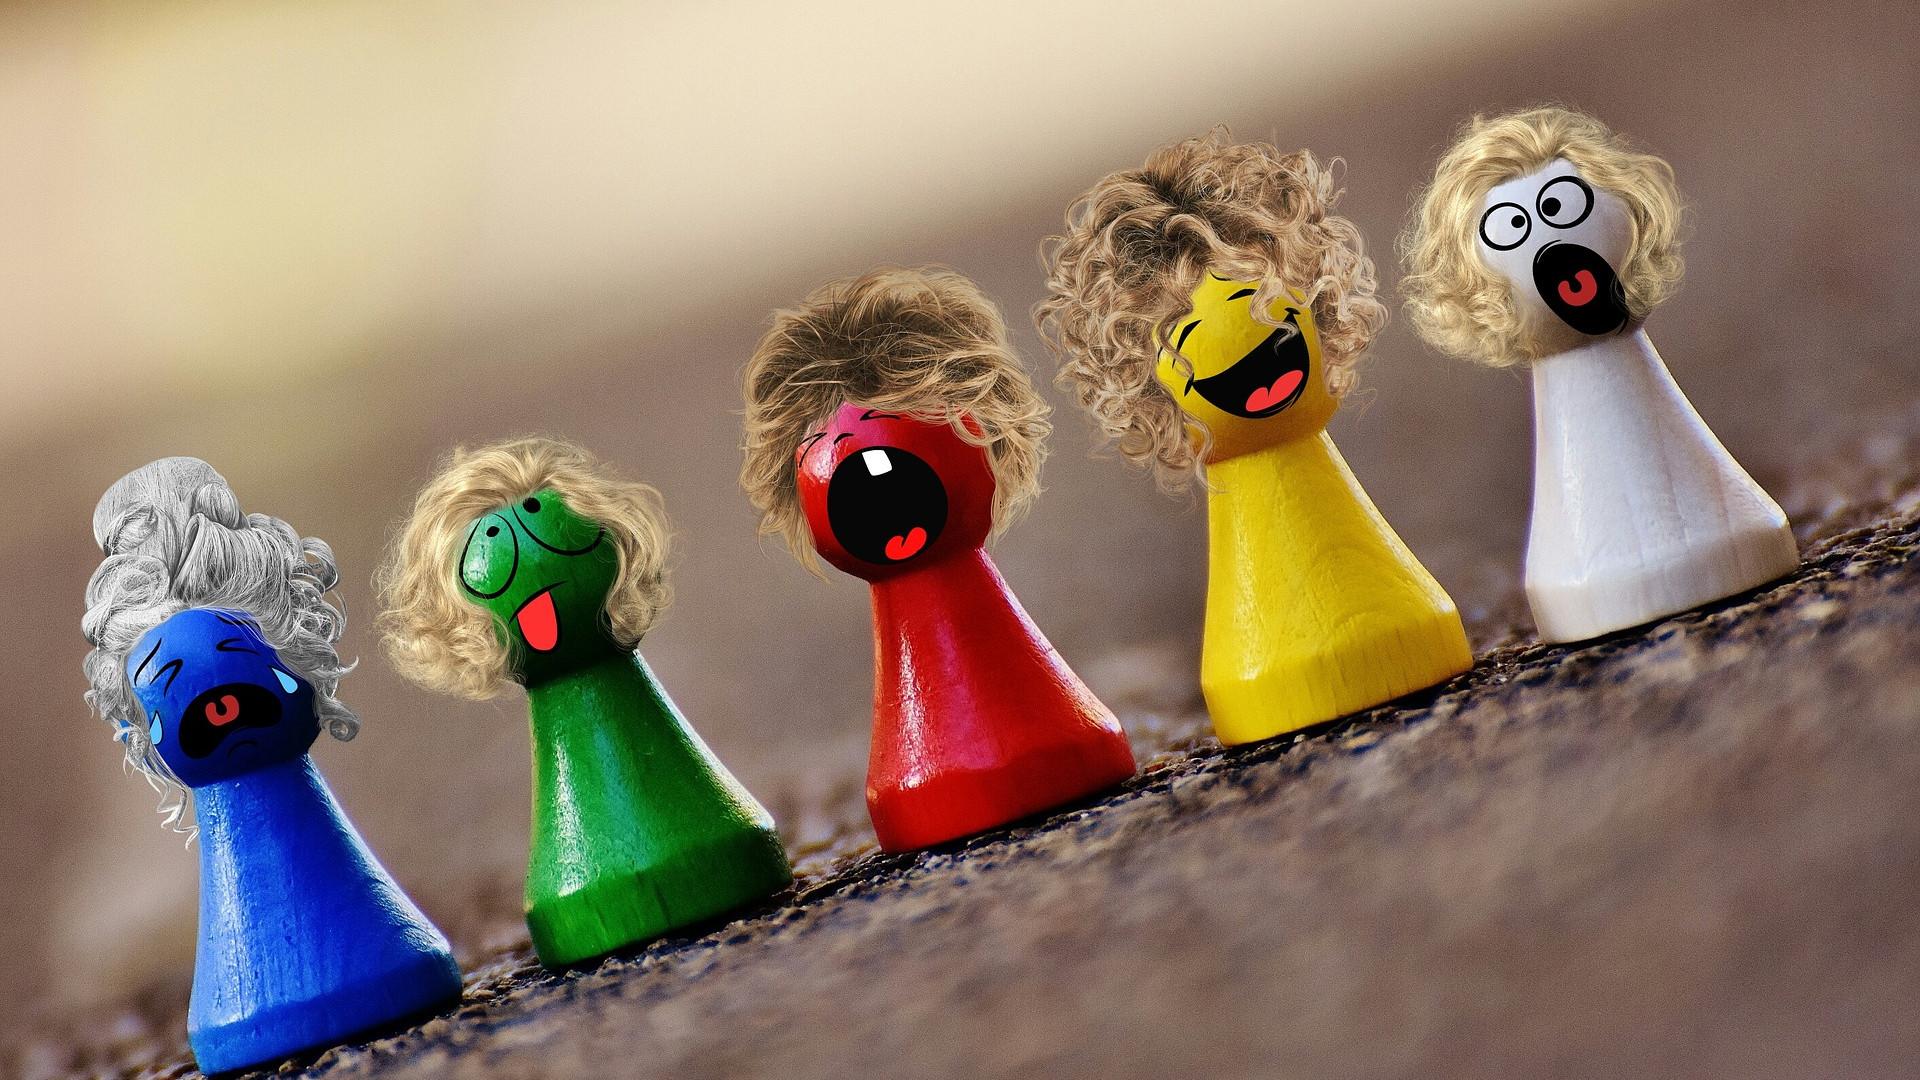 les-jeux-offrir-aux-enfants-cadre-pedagogie-montessori.png